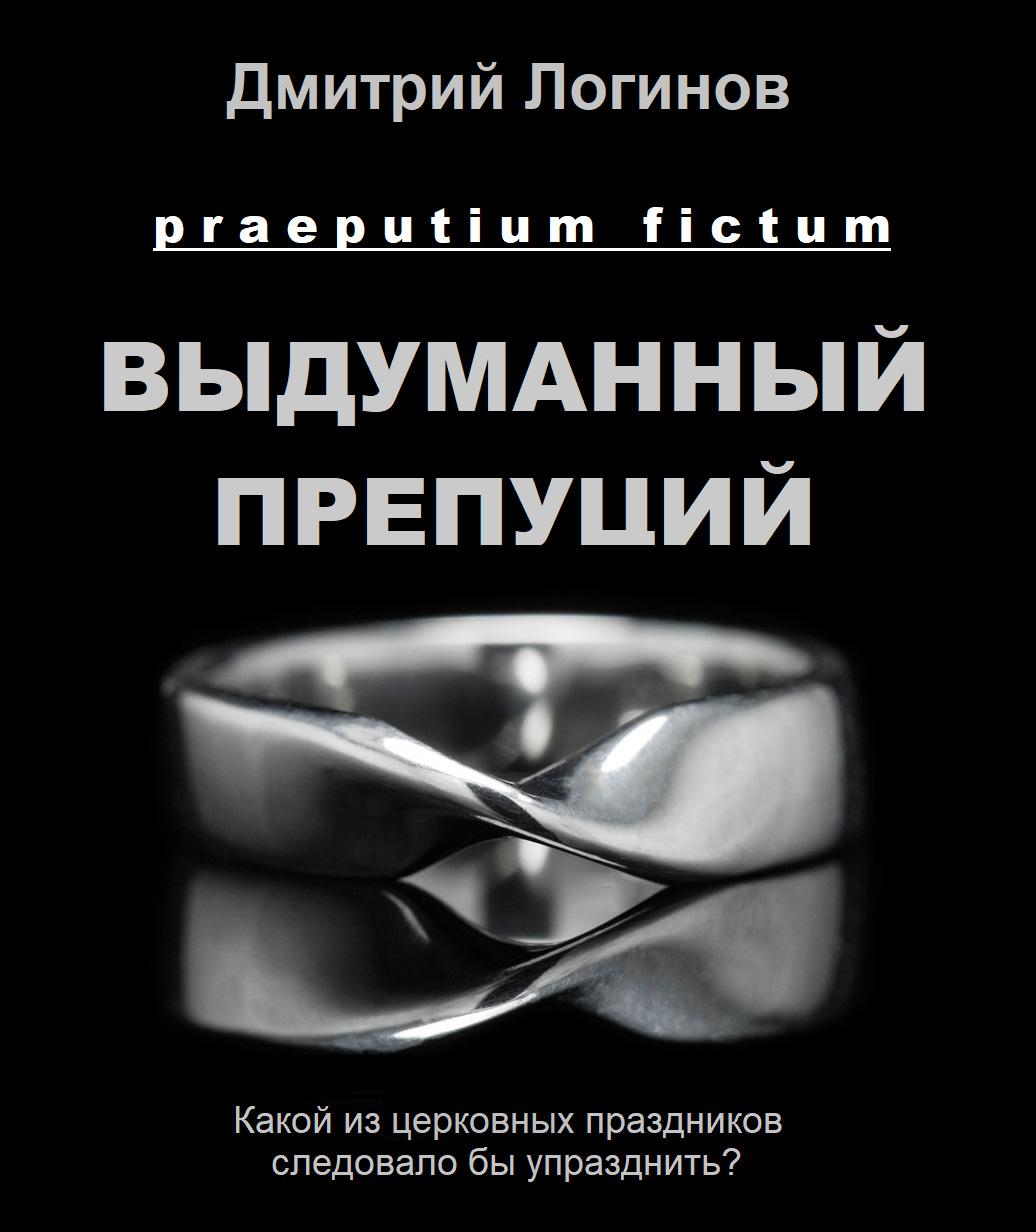 Дмитрий Логинов Выдуманный препуций